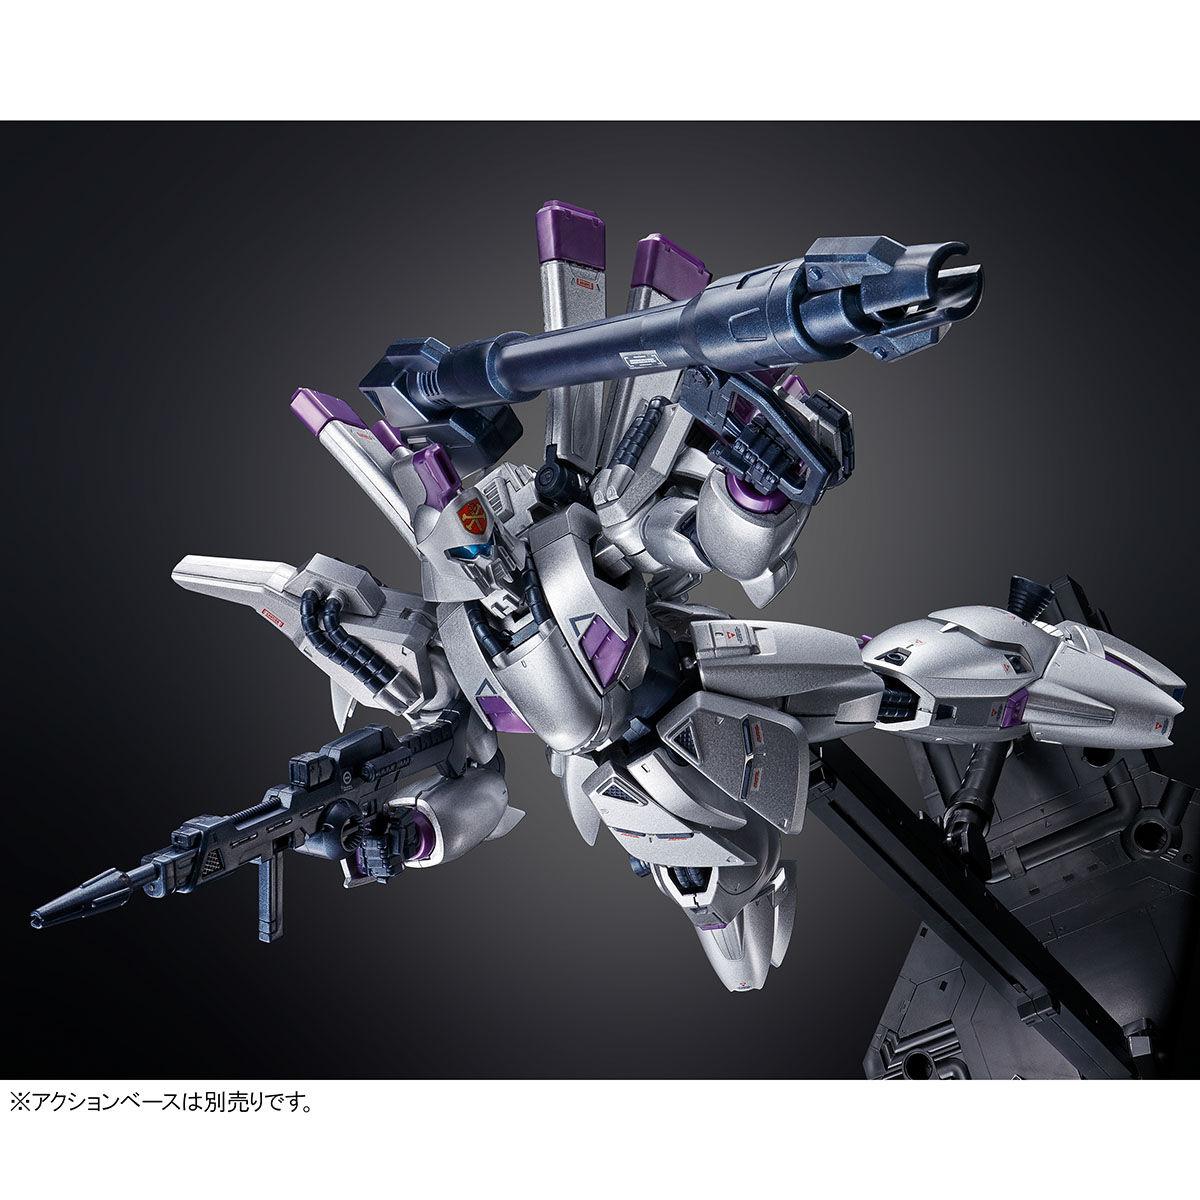 【限定販売】RE/100『ビギナ・ギナ[エクストラフィニッシュ]』1/100 プラモデル-006